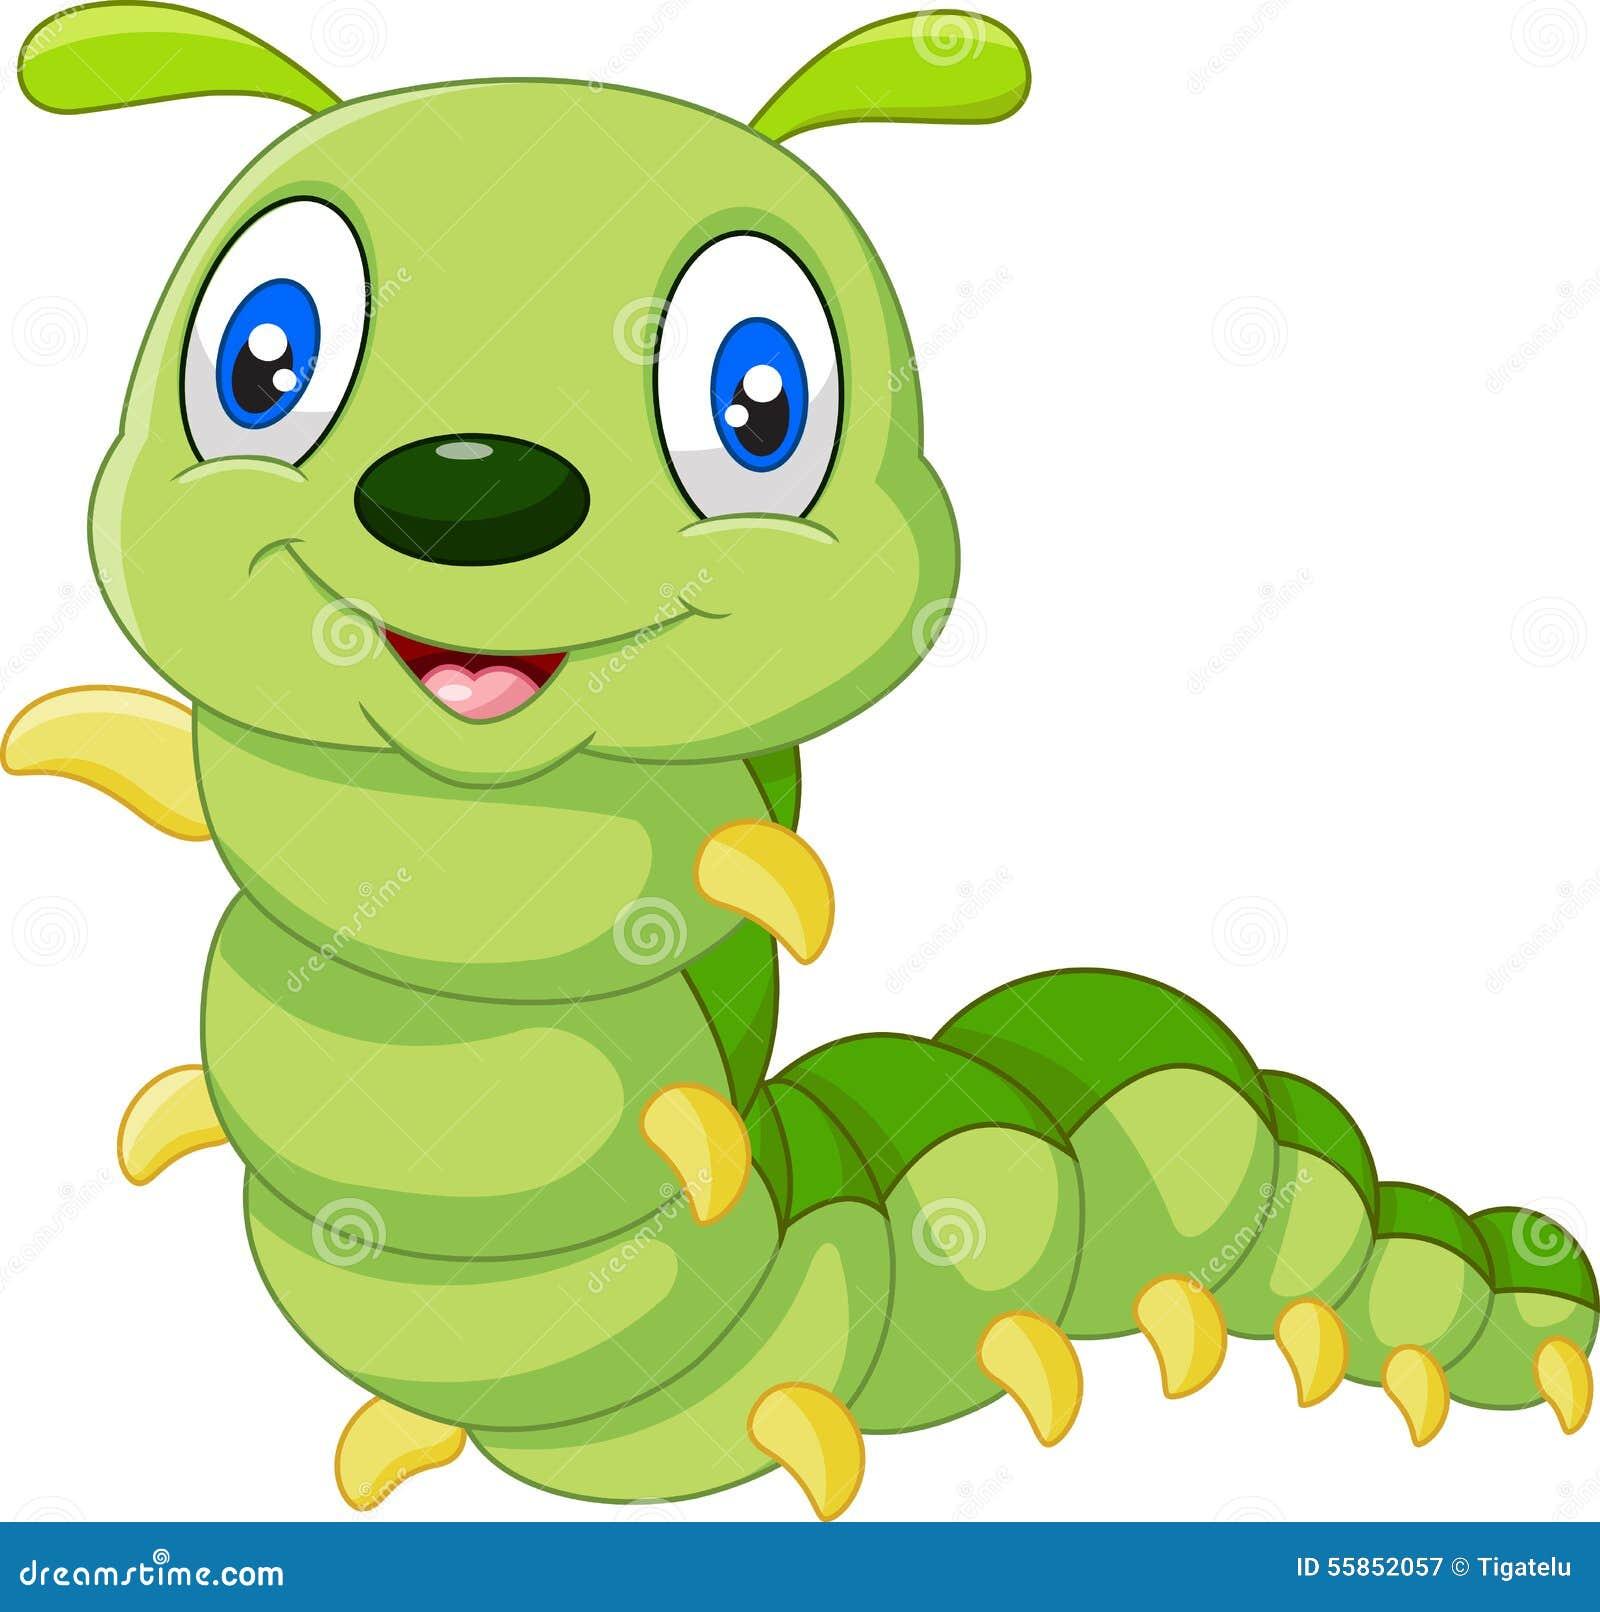 Cute Caterpillar Cartoon Stock Vector - Image: 55852057